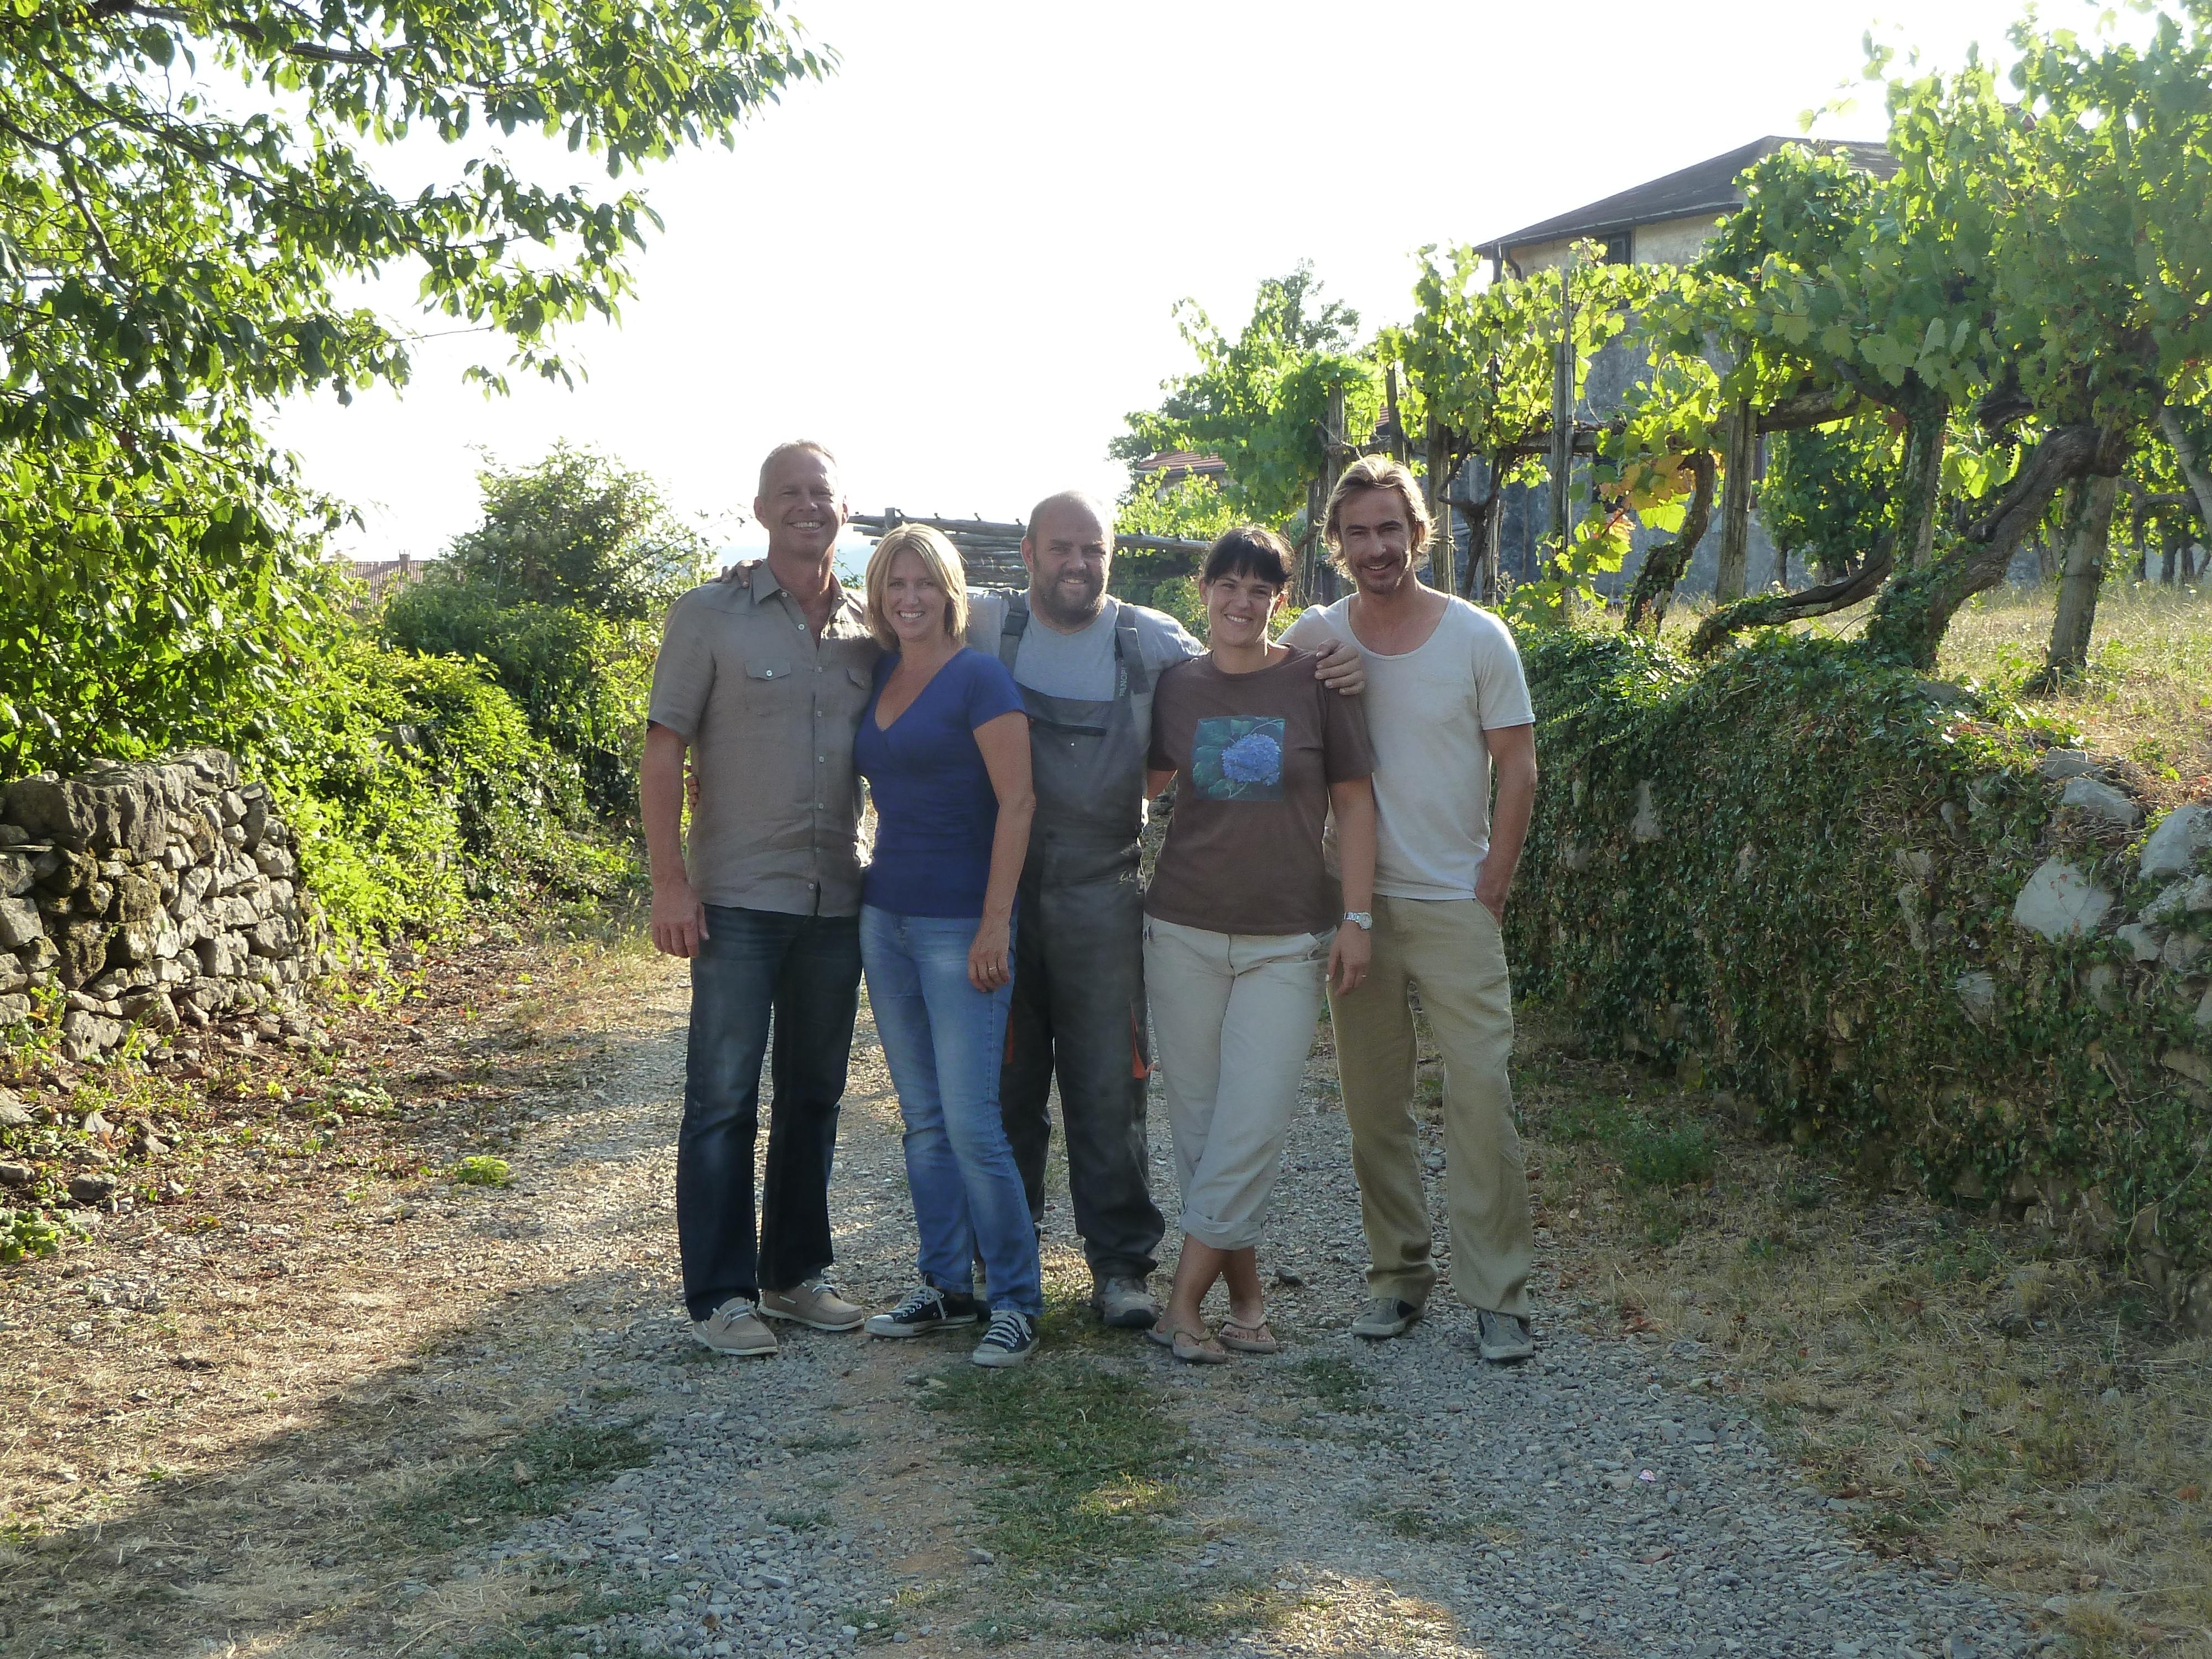 zwitserleven met de wijnschool!